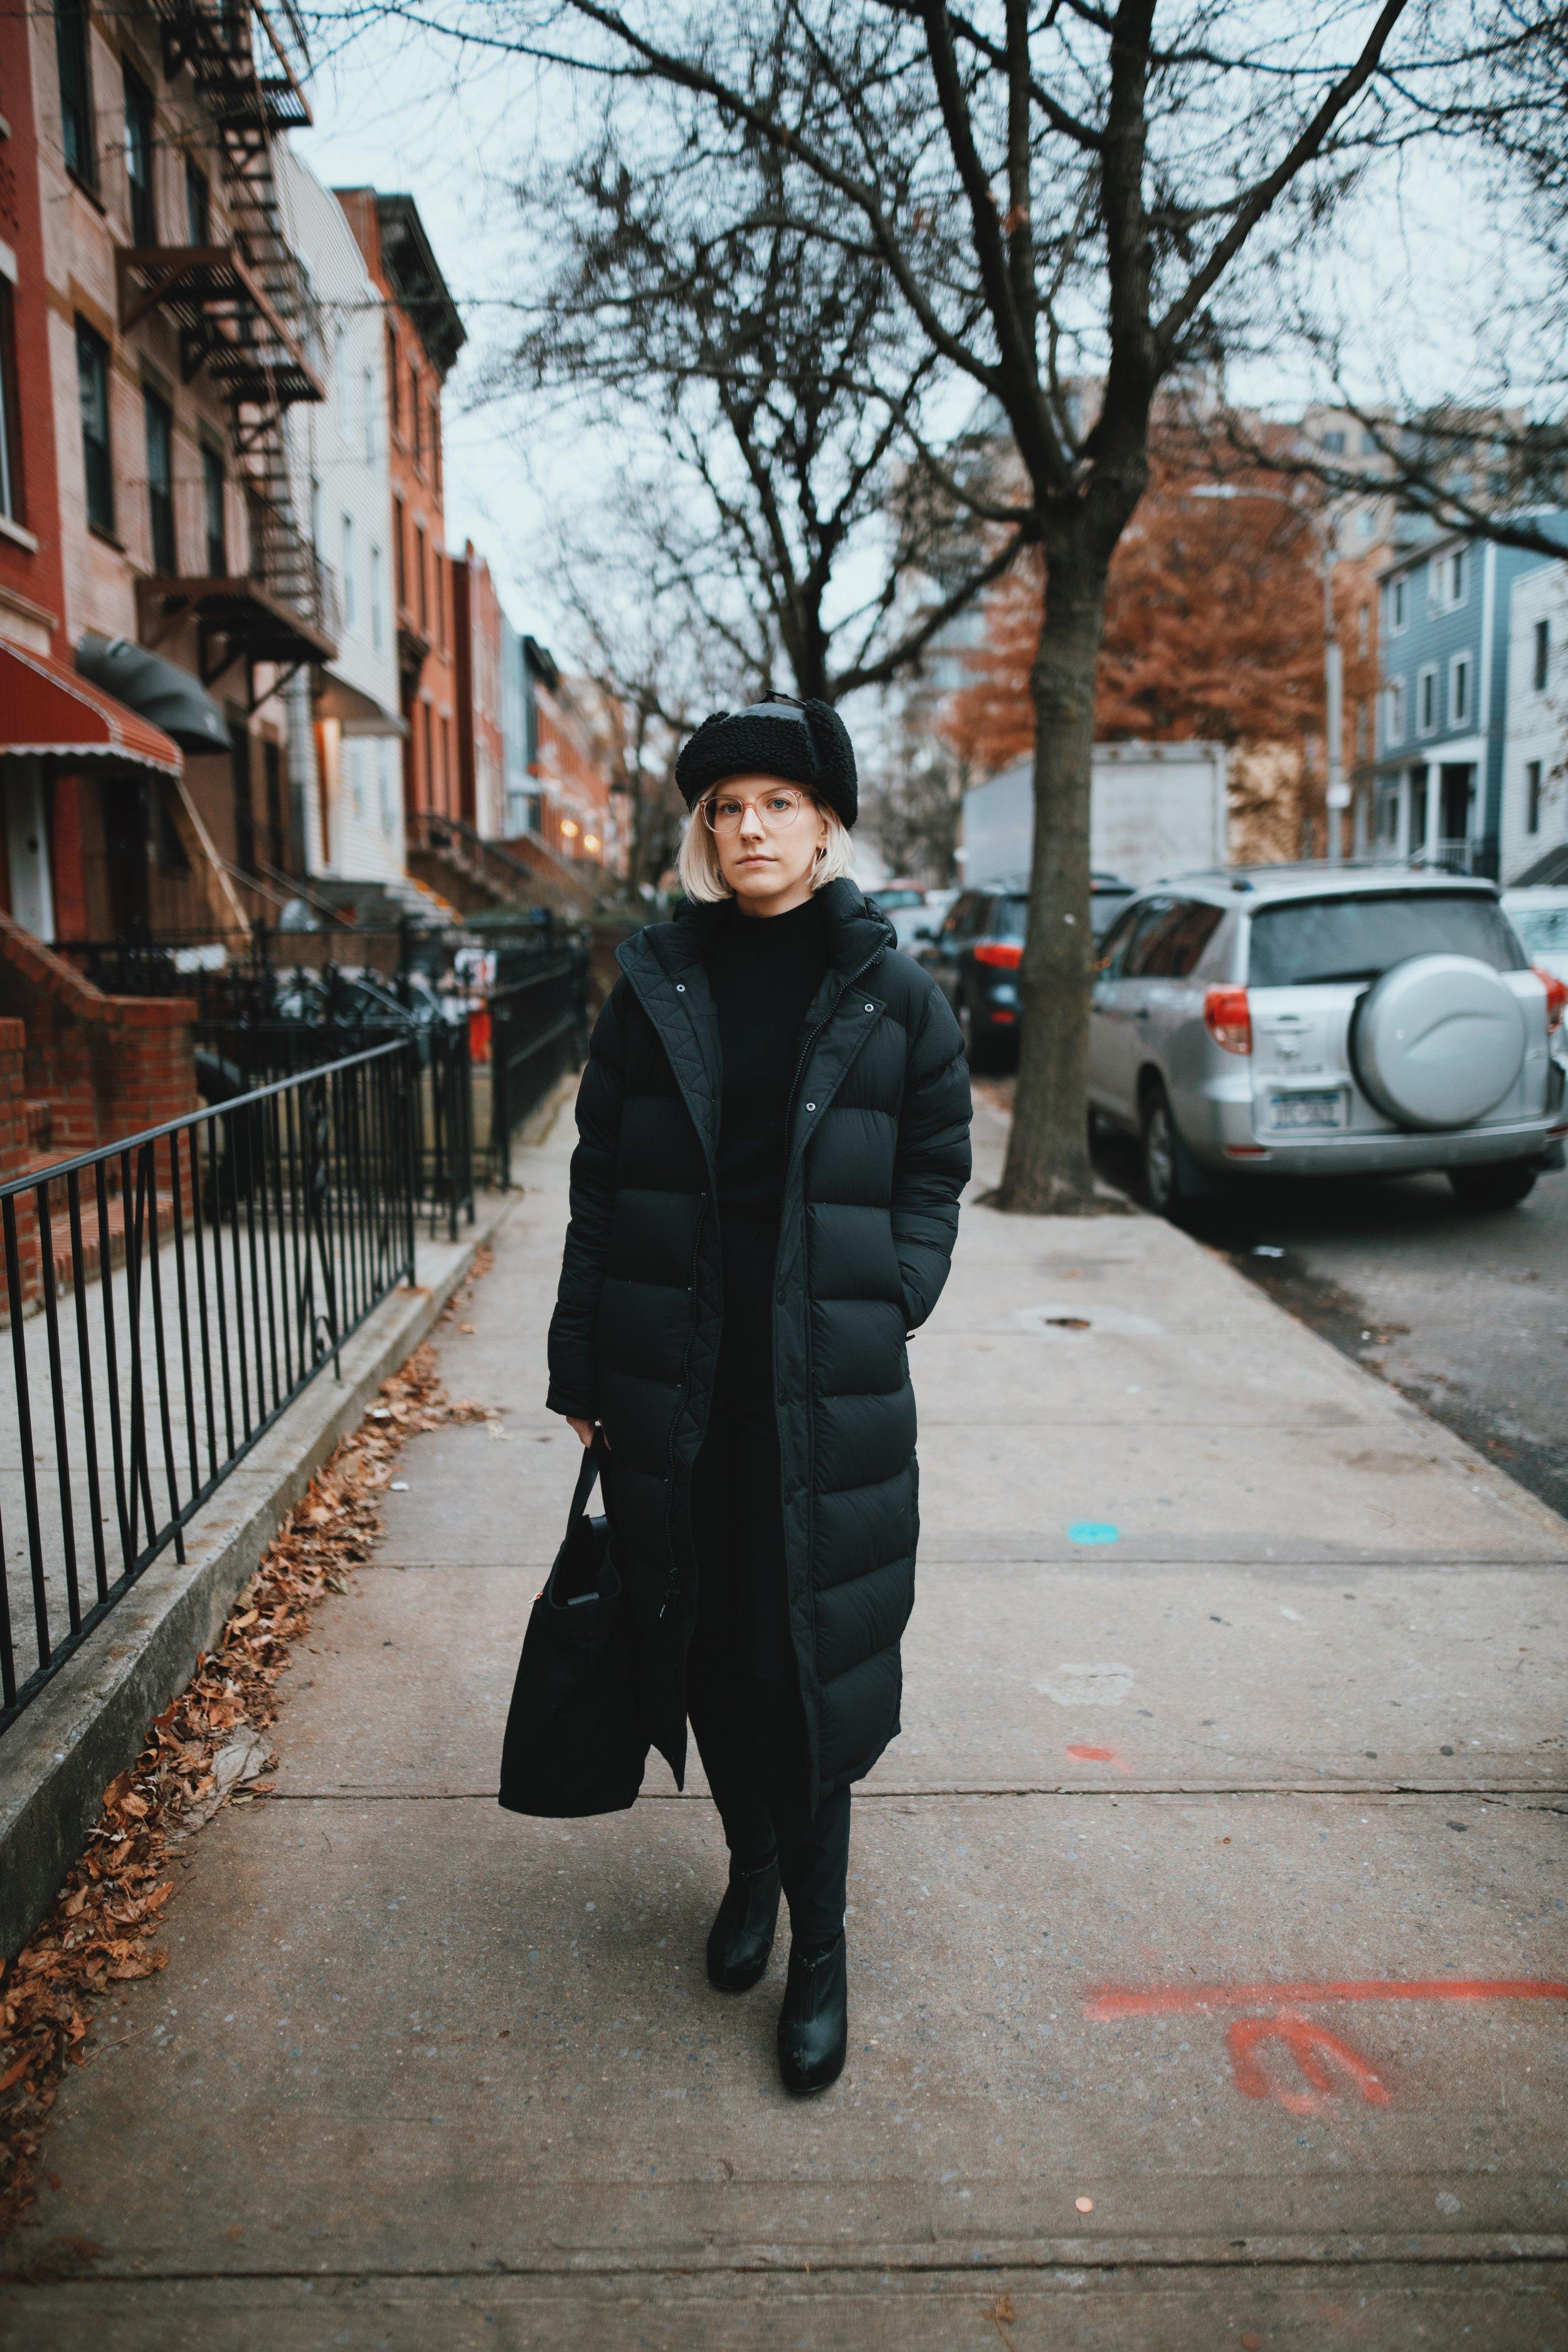 Gowanus, Brooklyn  December 2018